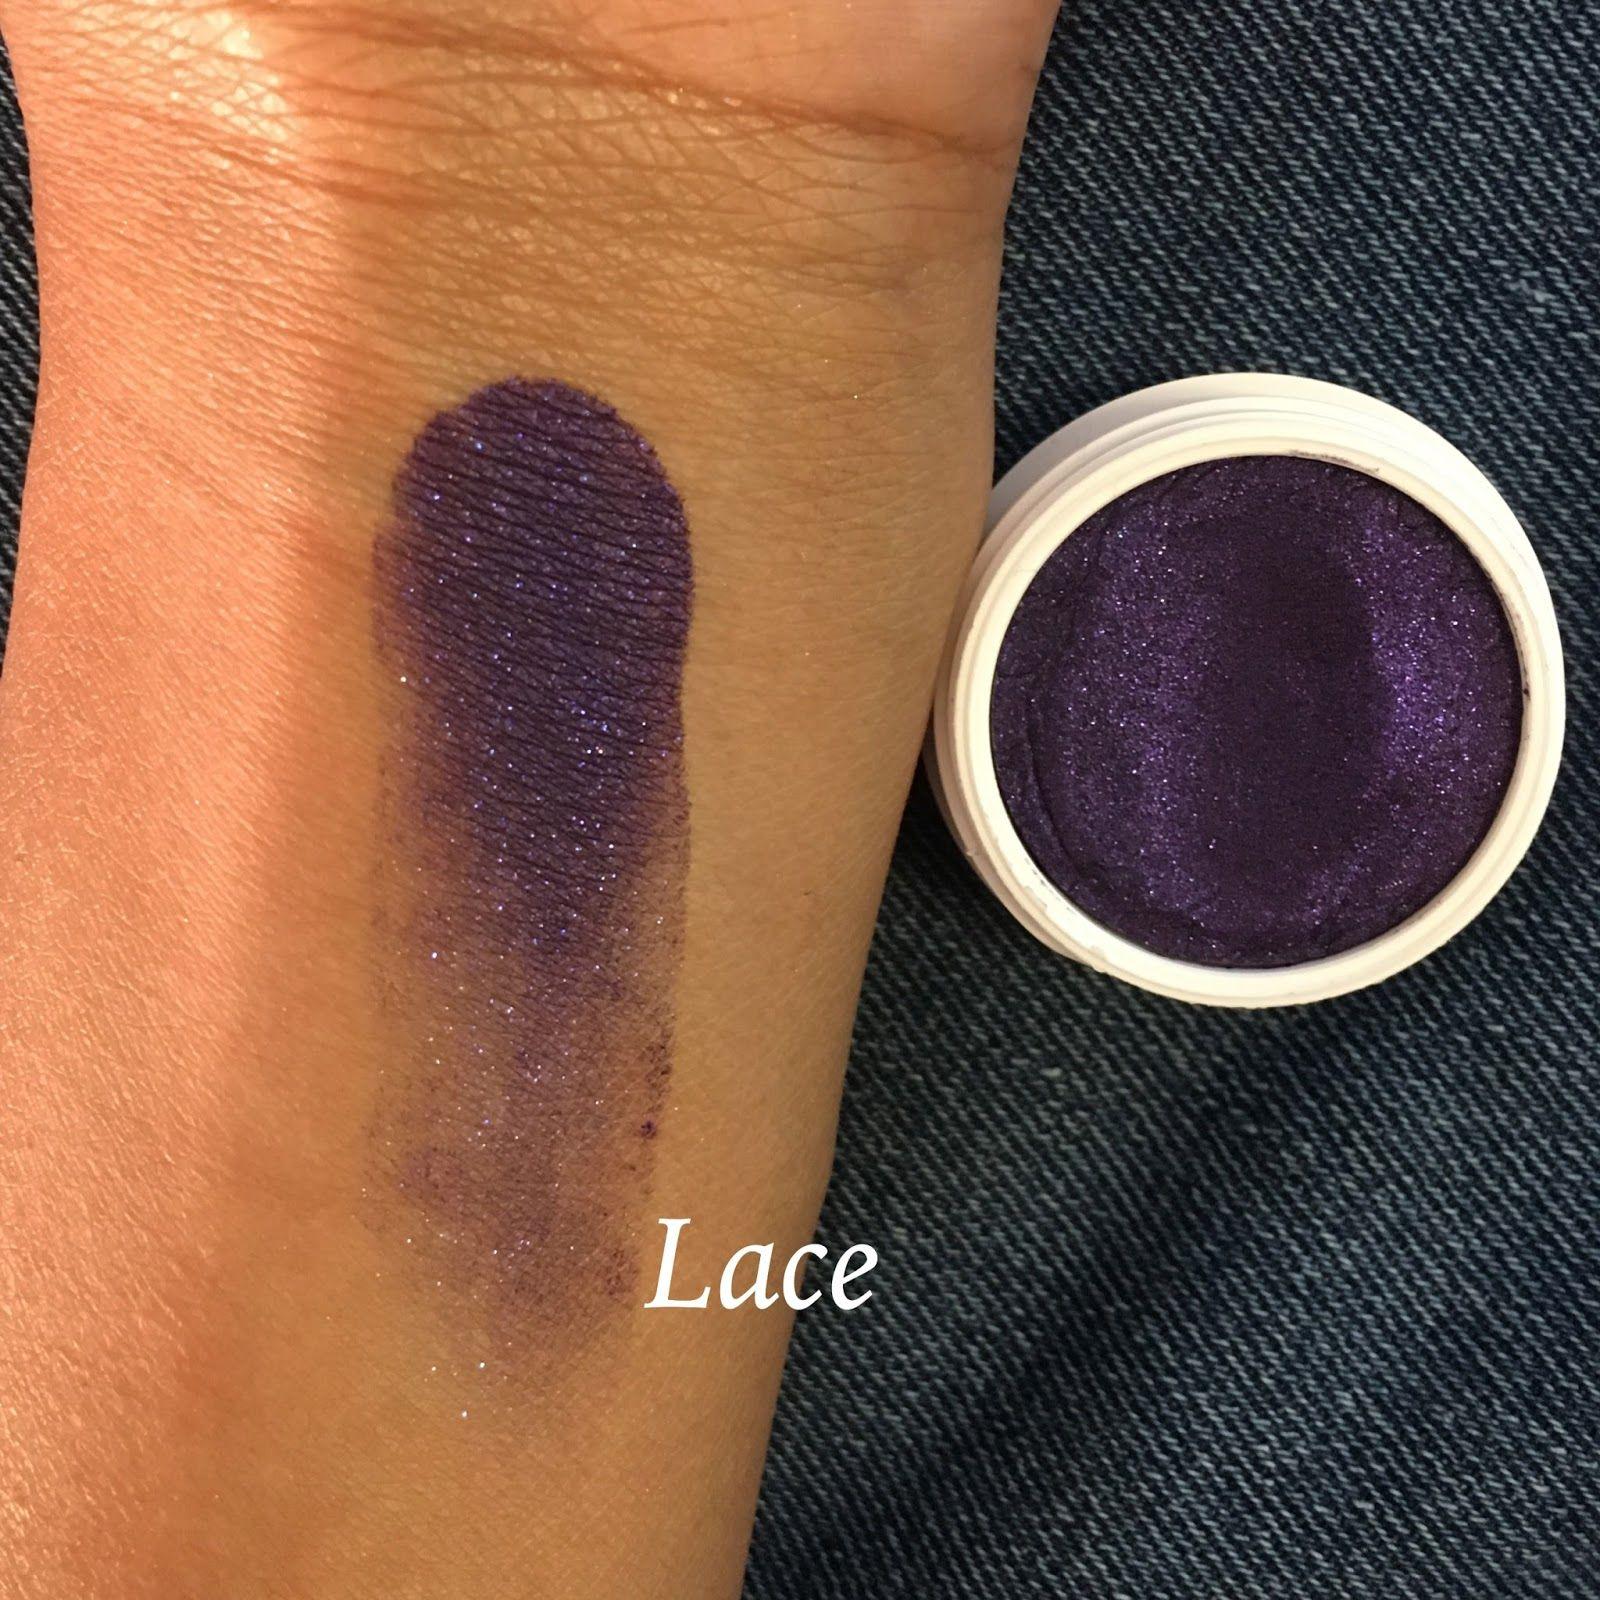 colourpop eye shadows #makeup